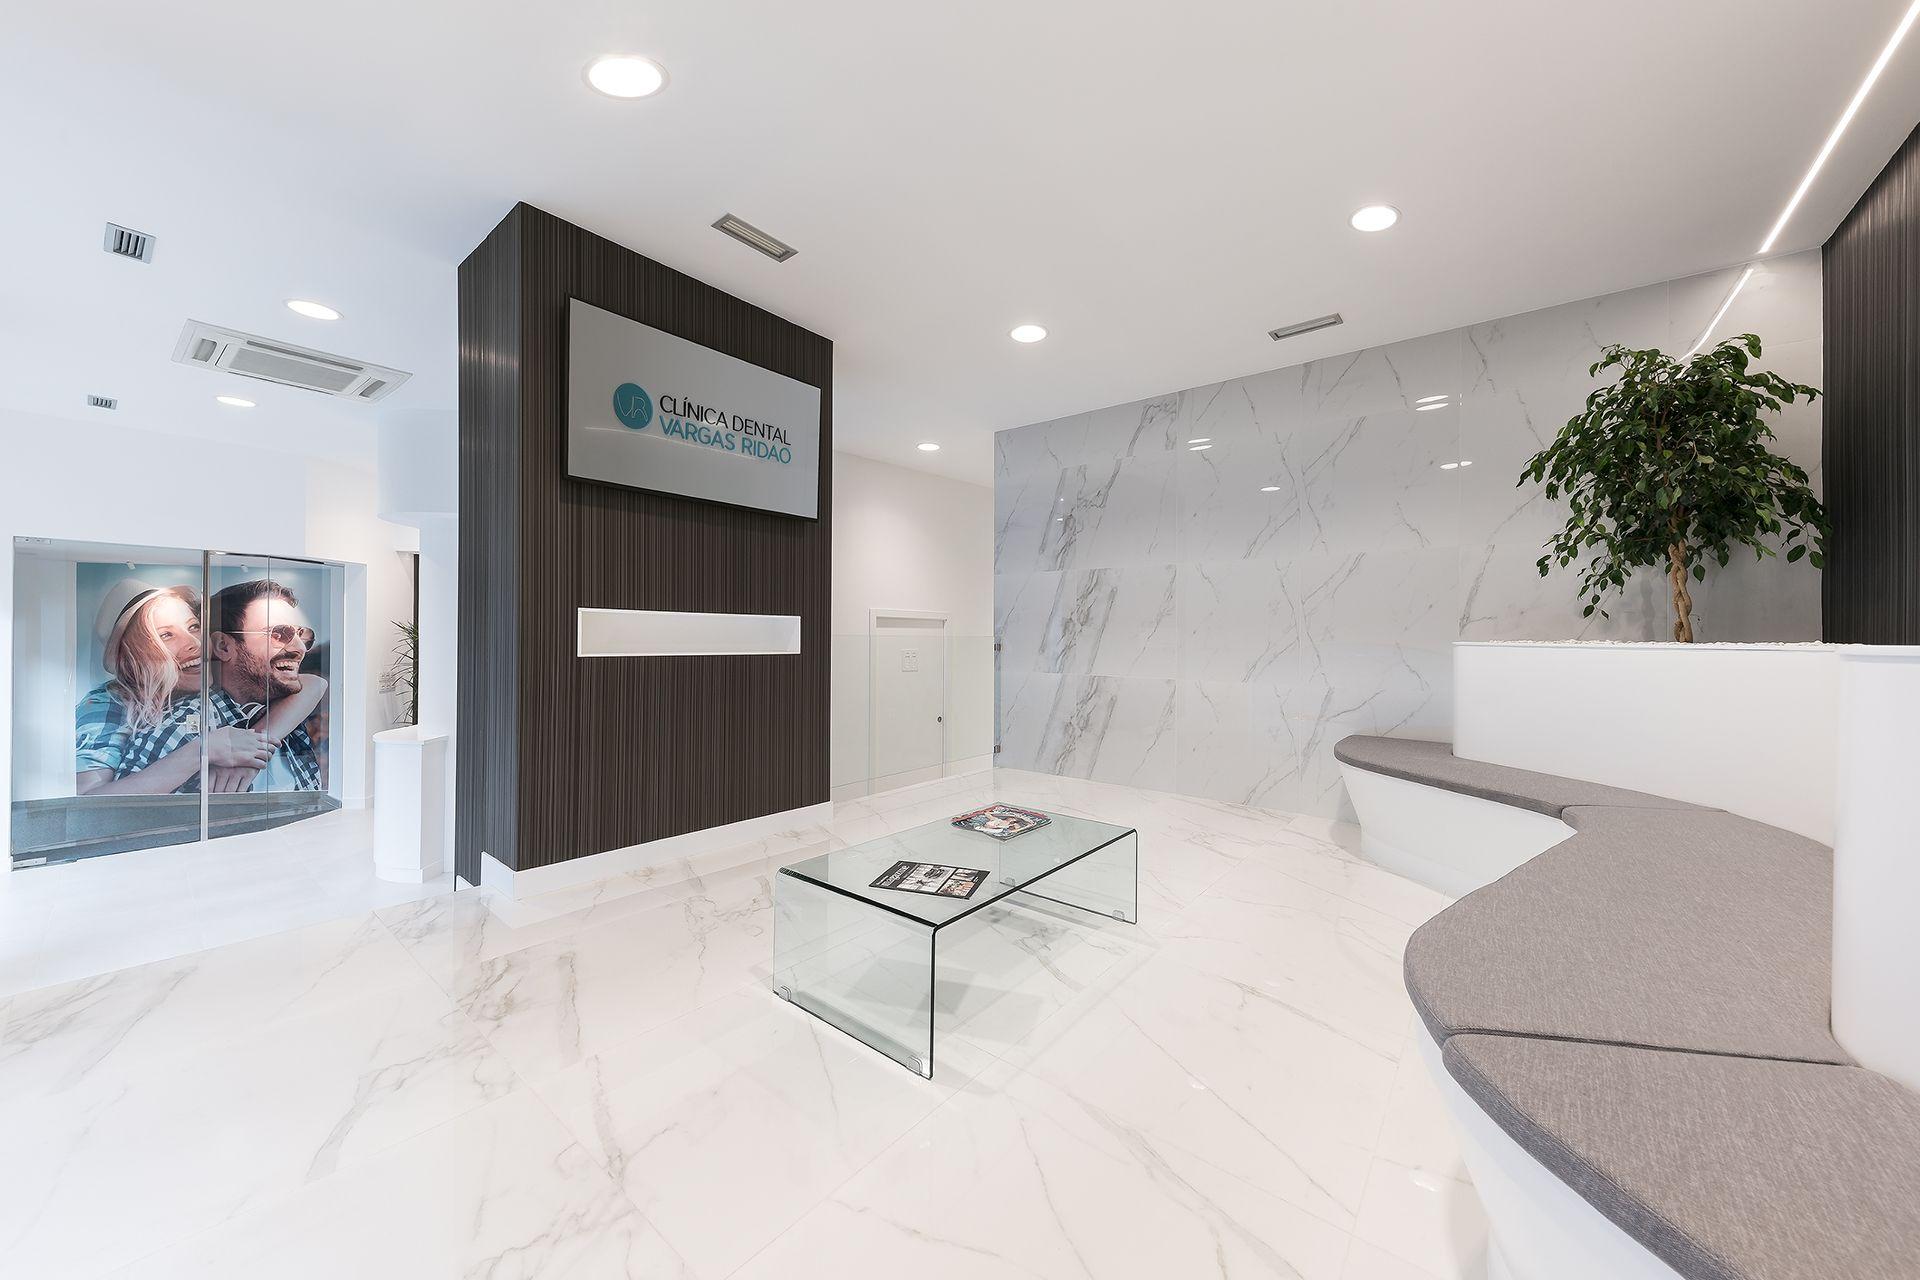 Sala de espera de la clínica dental Vargas Ridao